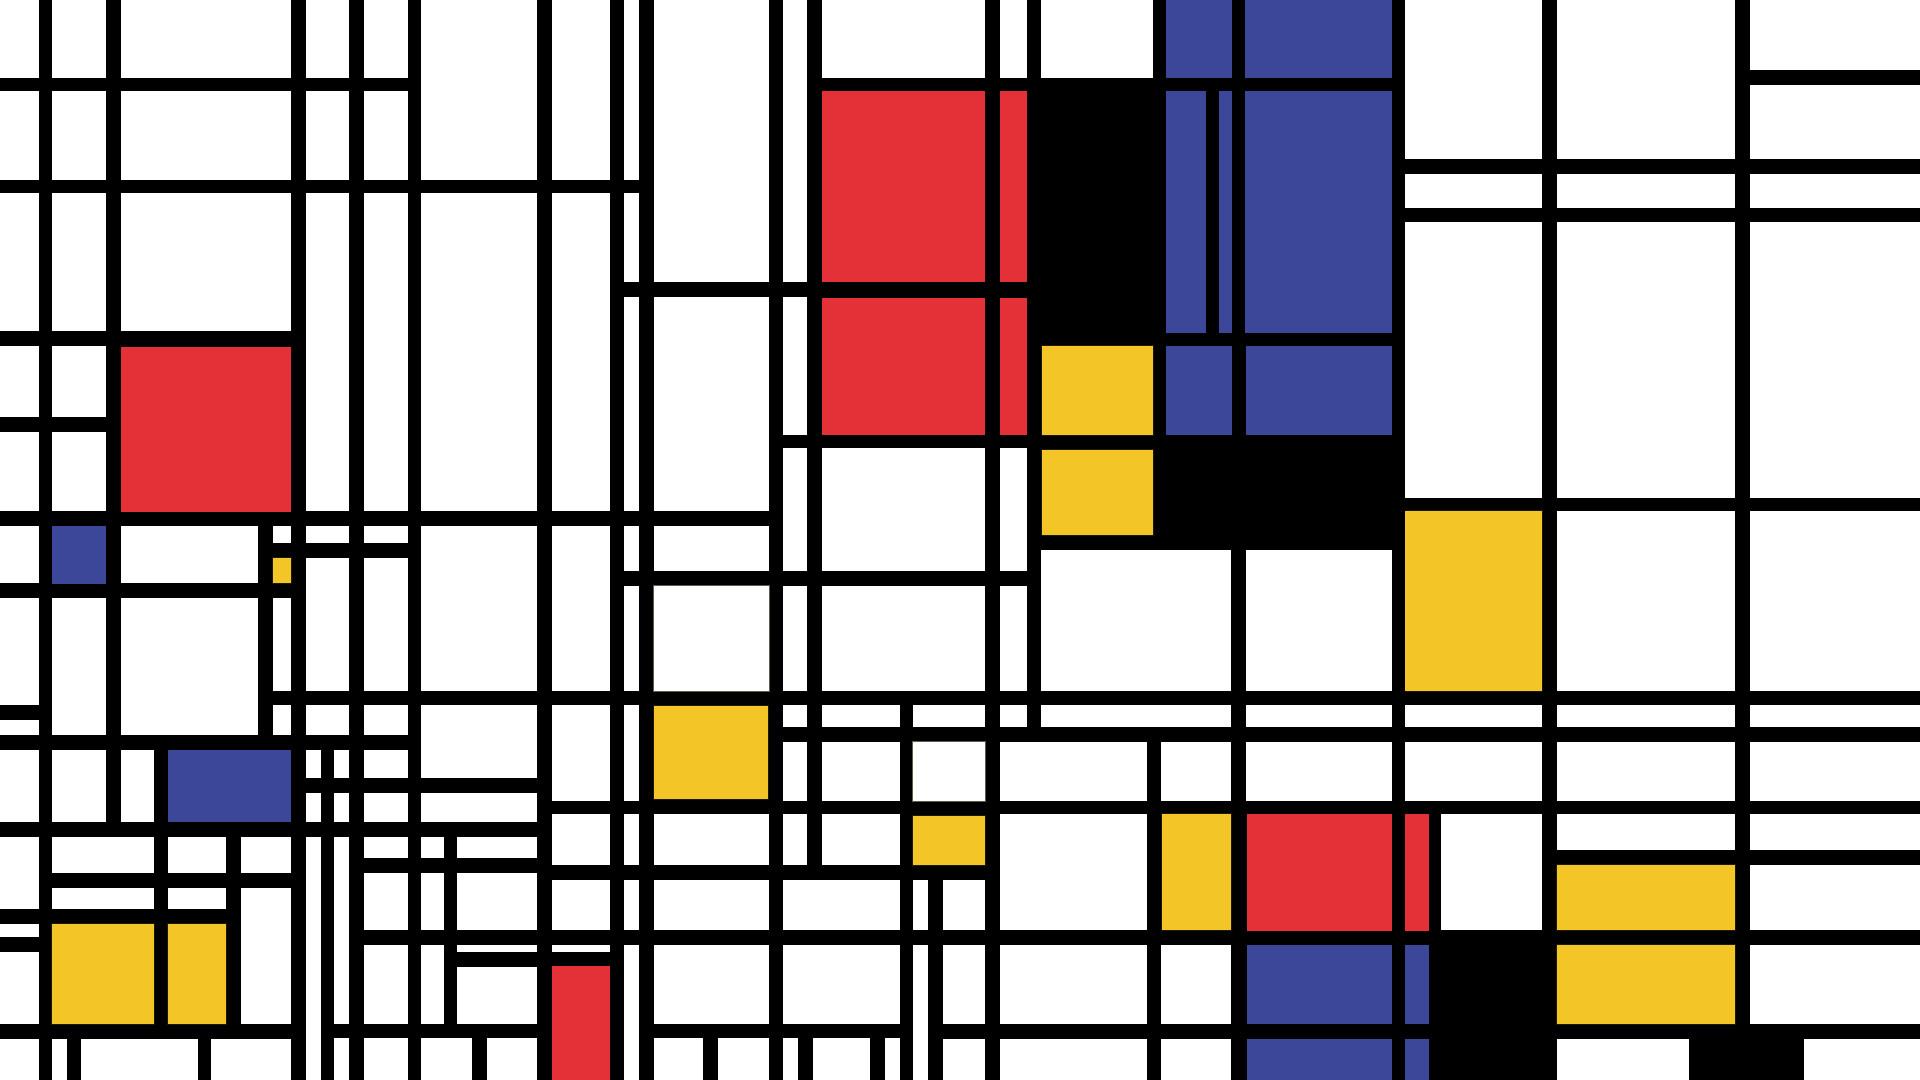 Mondrian Iphone Wallpaper Piet Mondrian Wallpapers 183 ① Wallpapertag